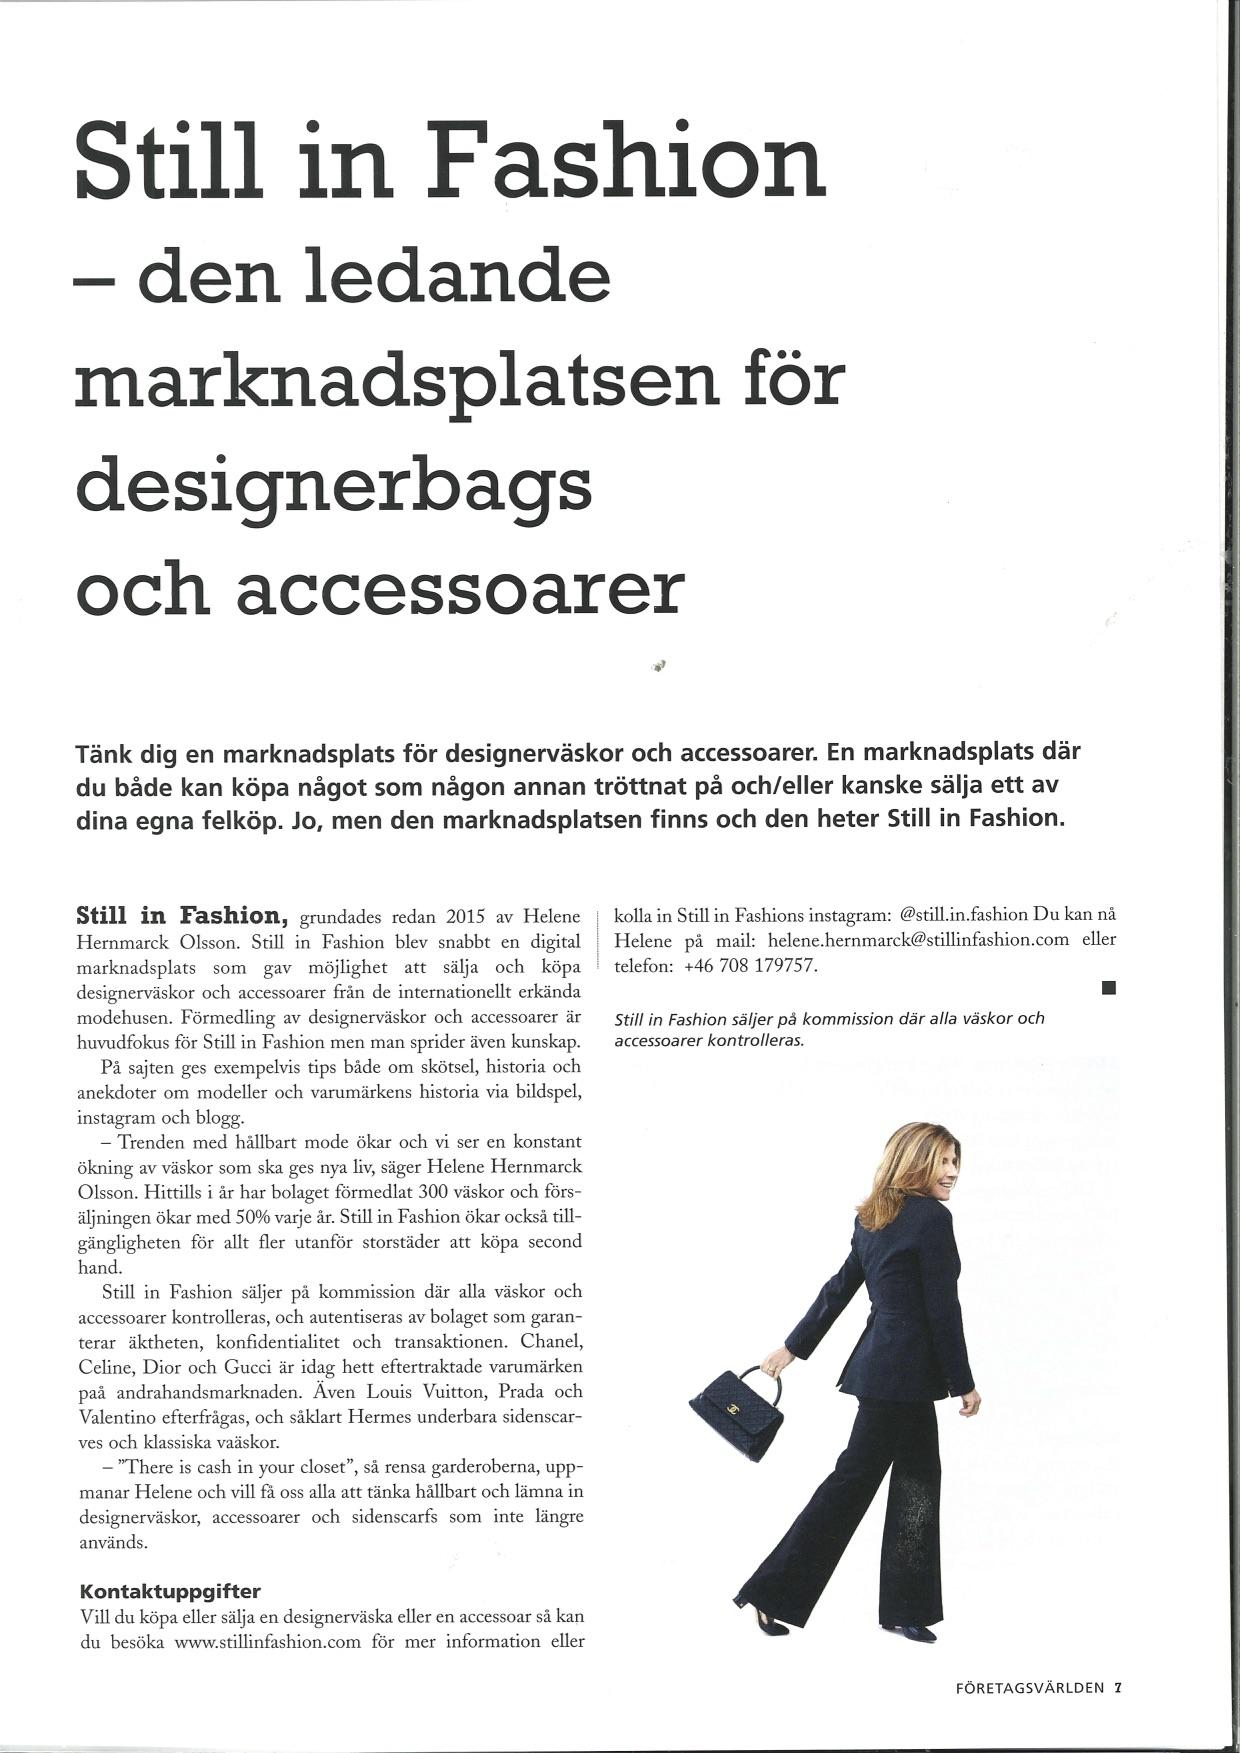 Företagsvärlden names Still in Fashion Leading Market Place for Designer Bags